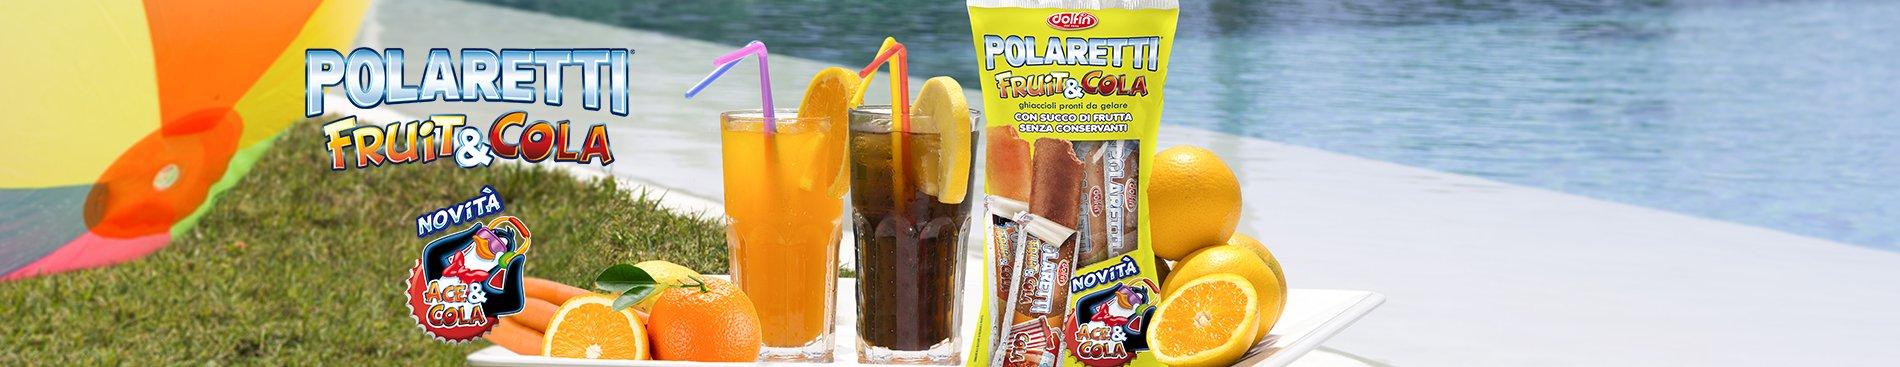 Polaretti Fruit and Cola